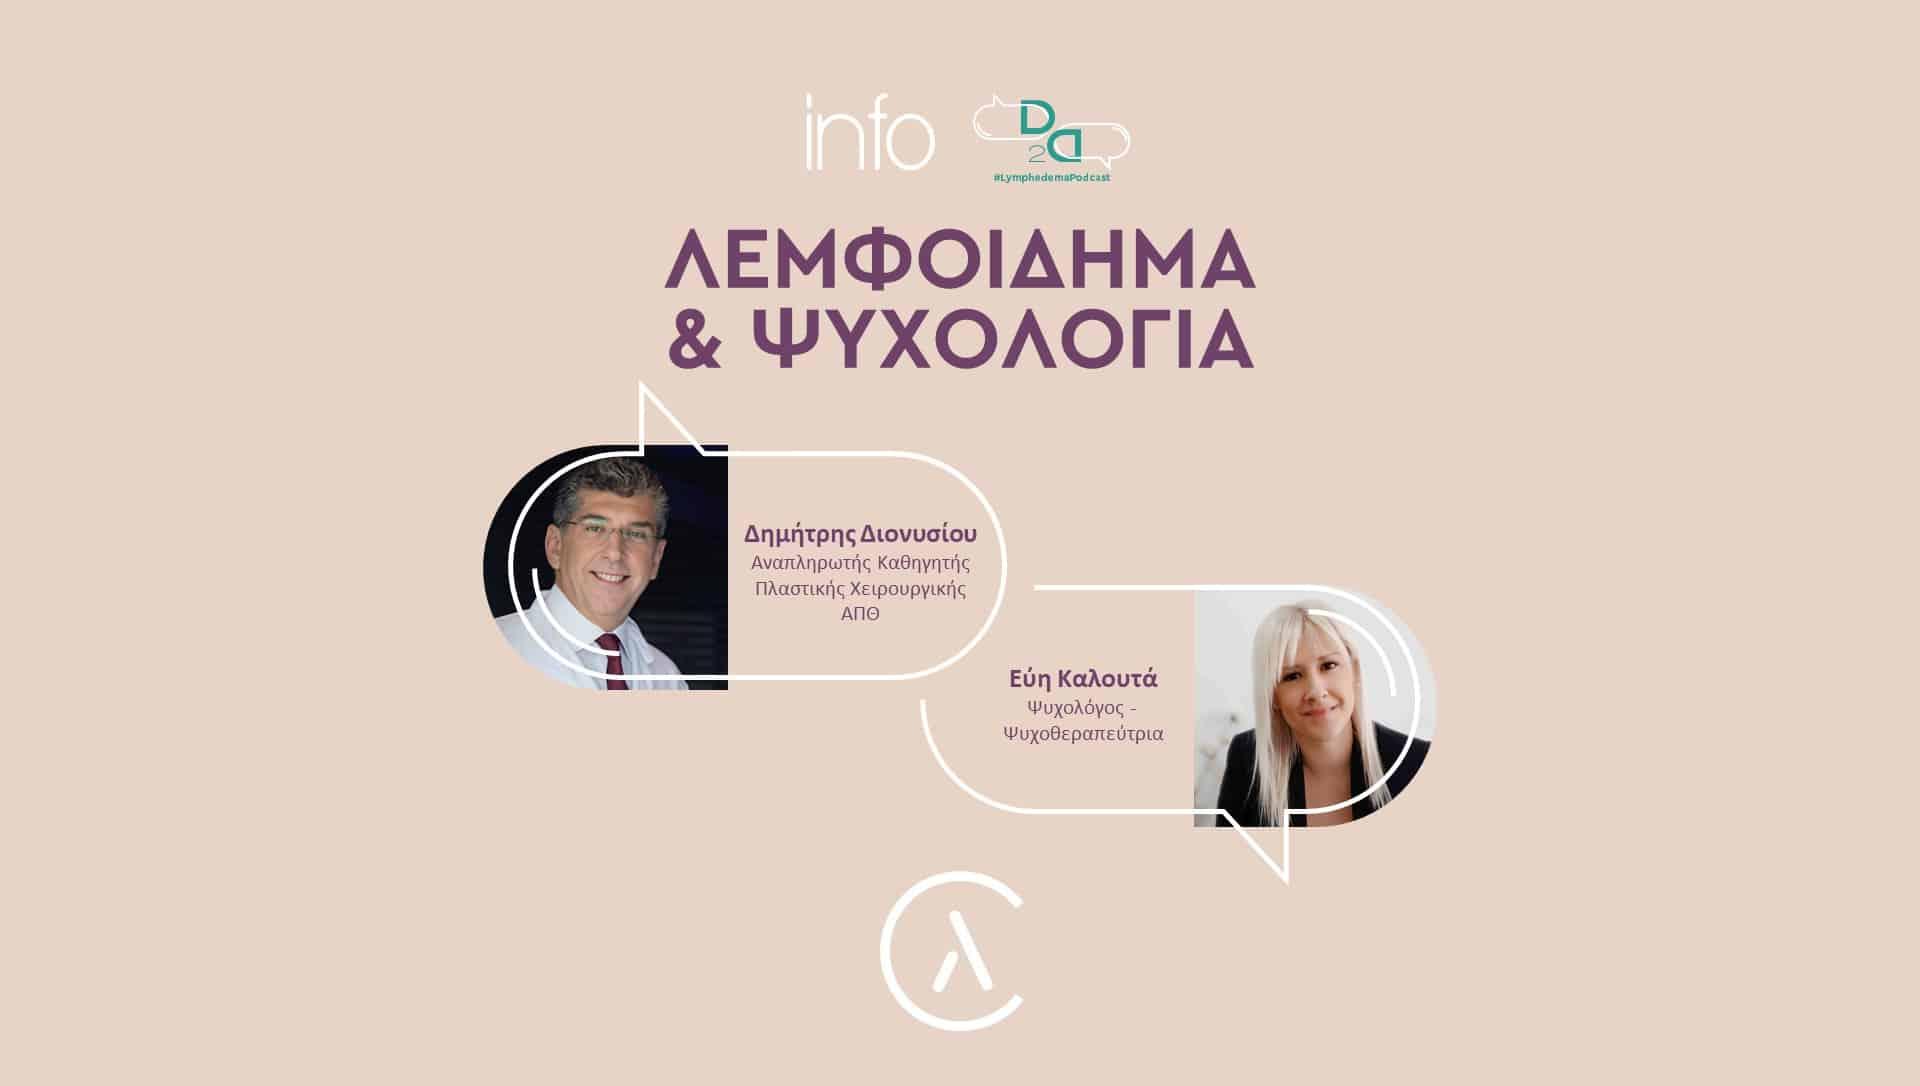 Λεμφοίδημα και Ψυχολογία | Διονυσίου - Καλουτά | The Lymphedema Clinic